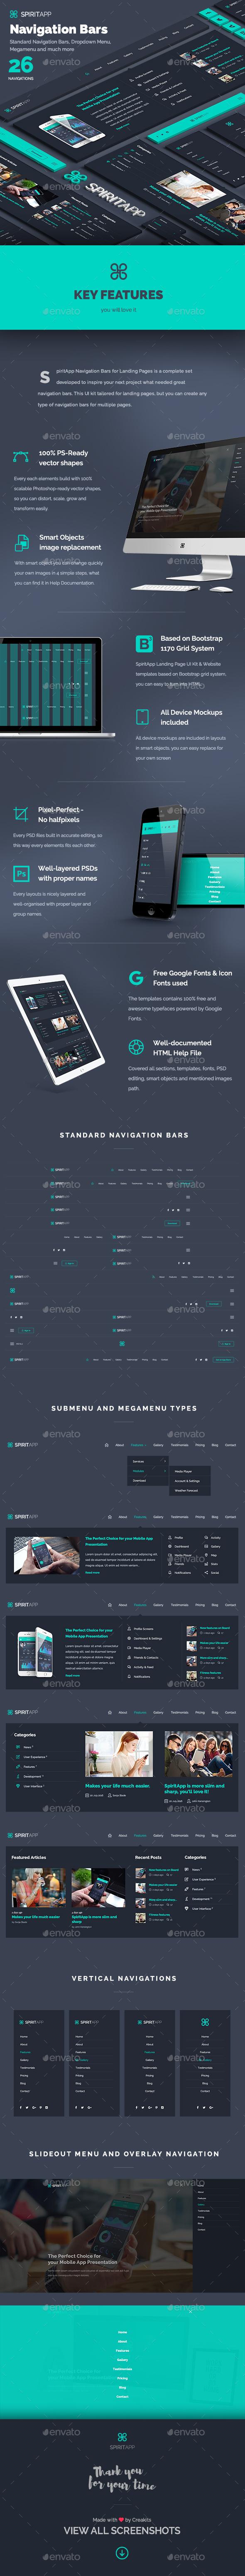 SpiritApp Navigation Bars for Landing Pages - Navigation Bars Web Elements